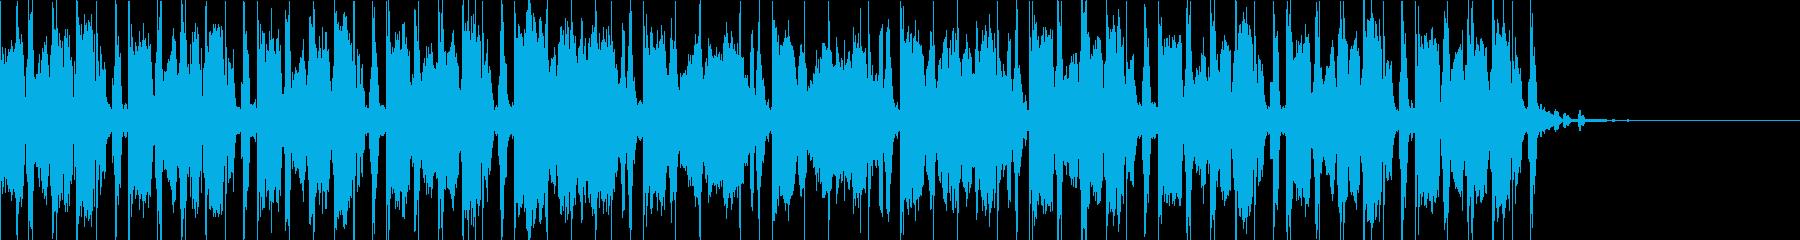 重厚感のあるトランペットのジングルの再生済みの波形